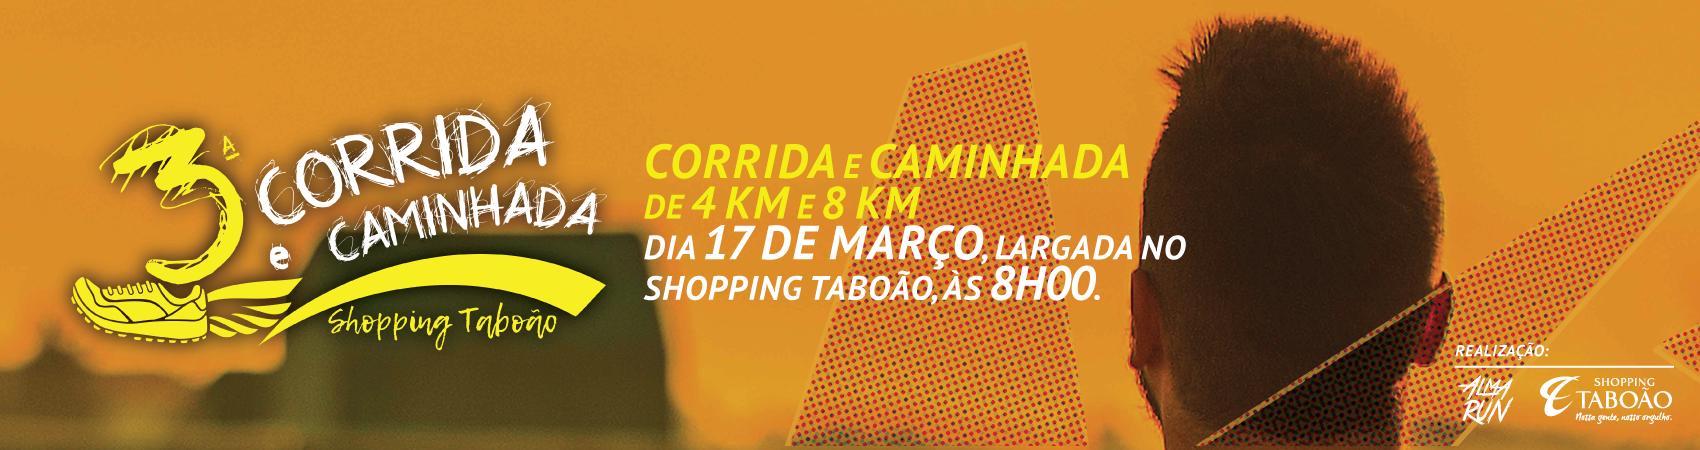 3ª CORRIDA E CAMINHADA SHOPPING TABOÃO